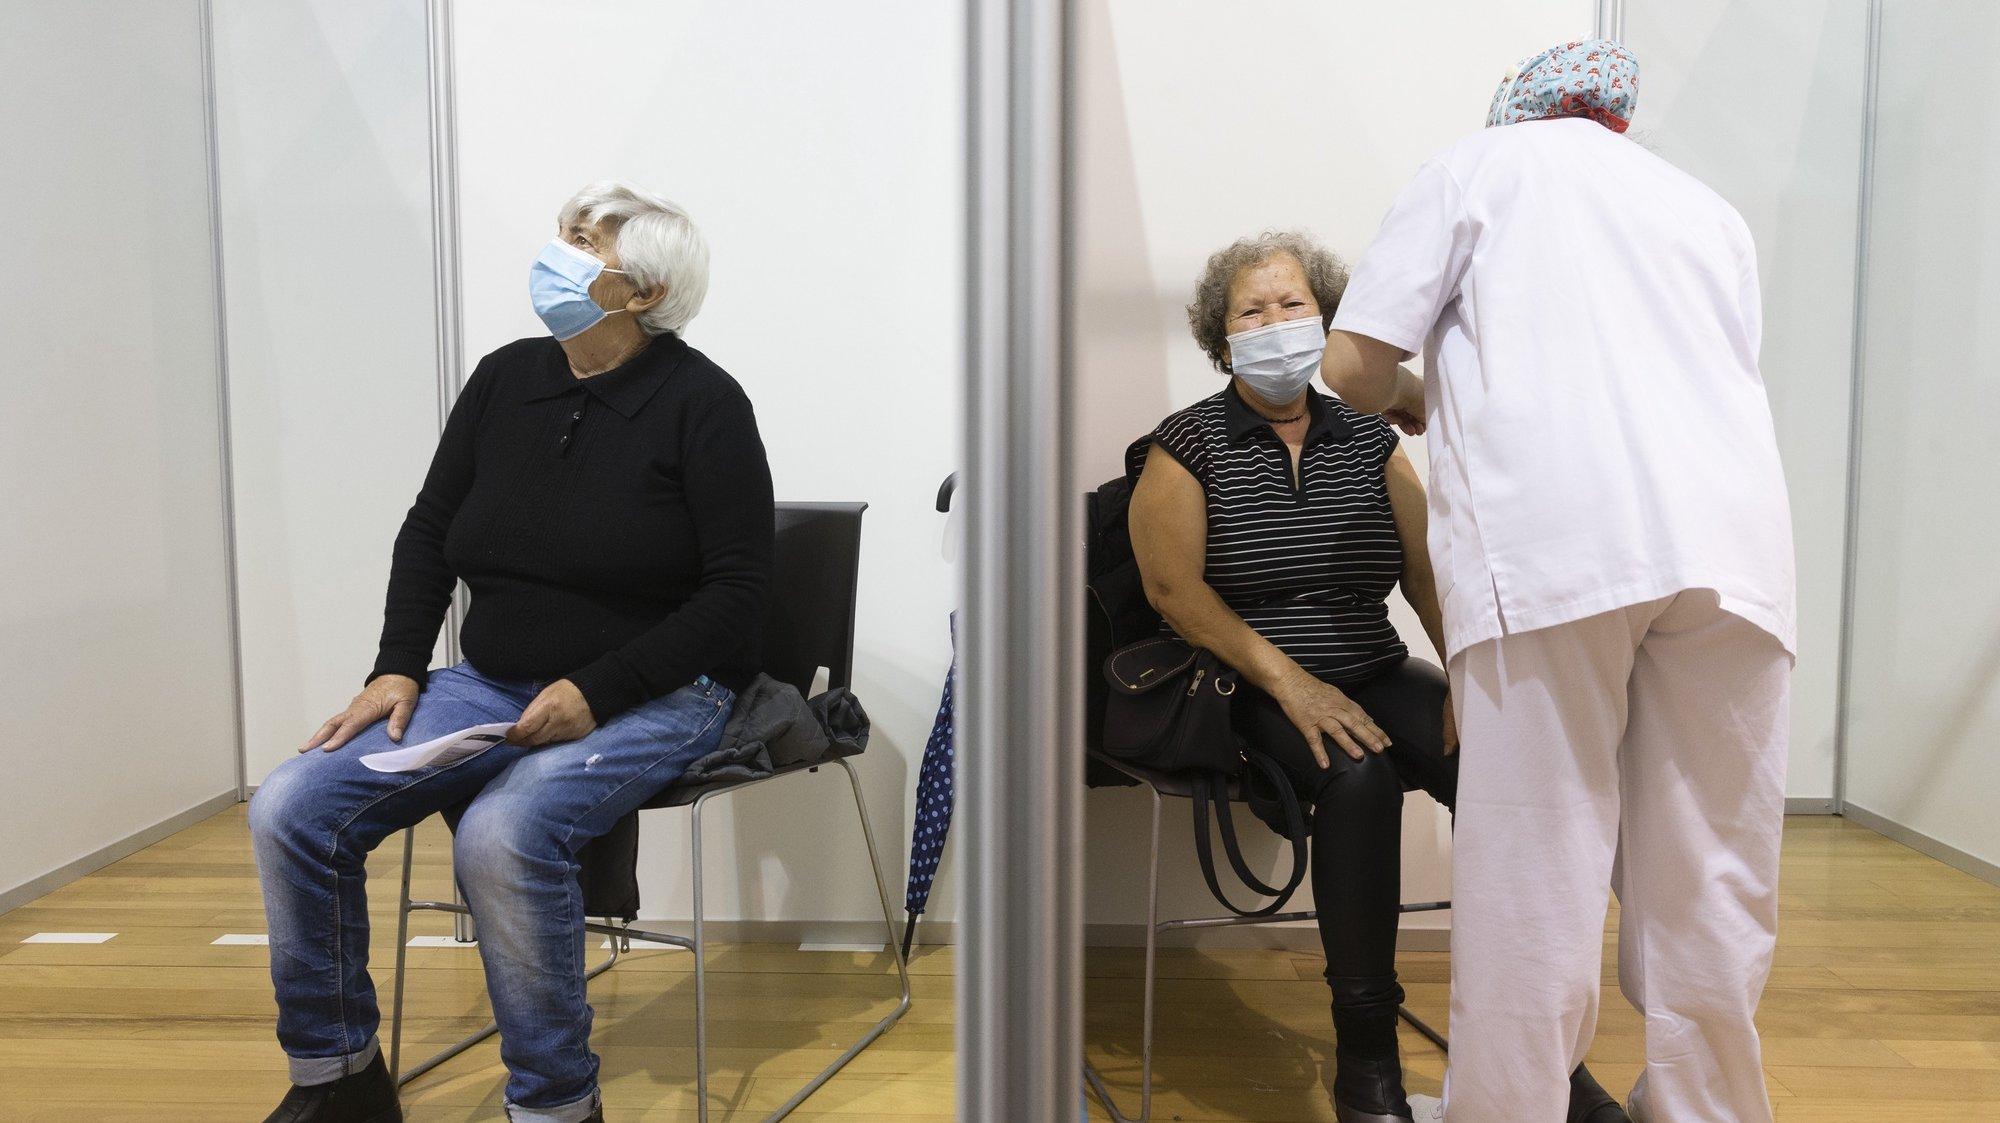 Uma idosa é vacinada no Centro de Vacinação Covid 19 CVC-Maia II na Maia, 21 de abril de 2021. JOSÉ COELHO/LUSA